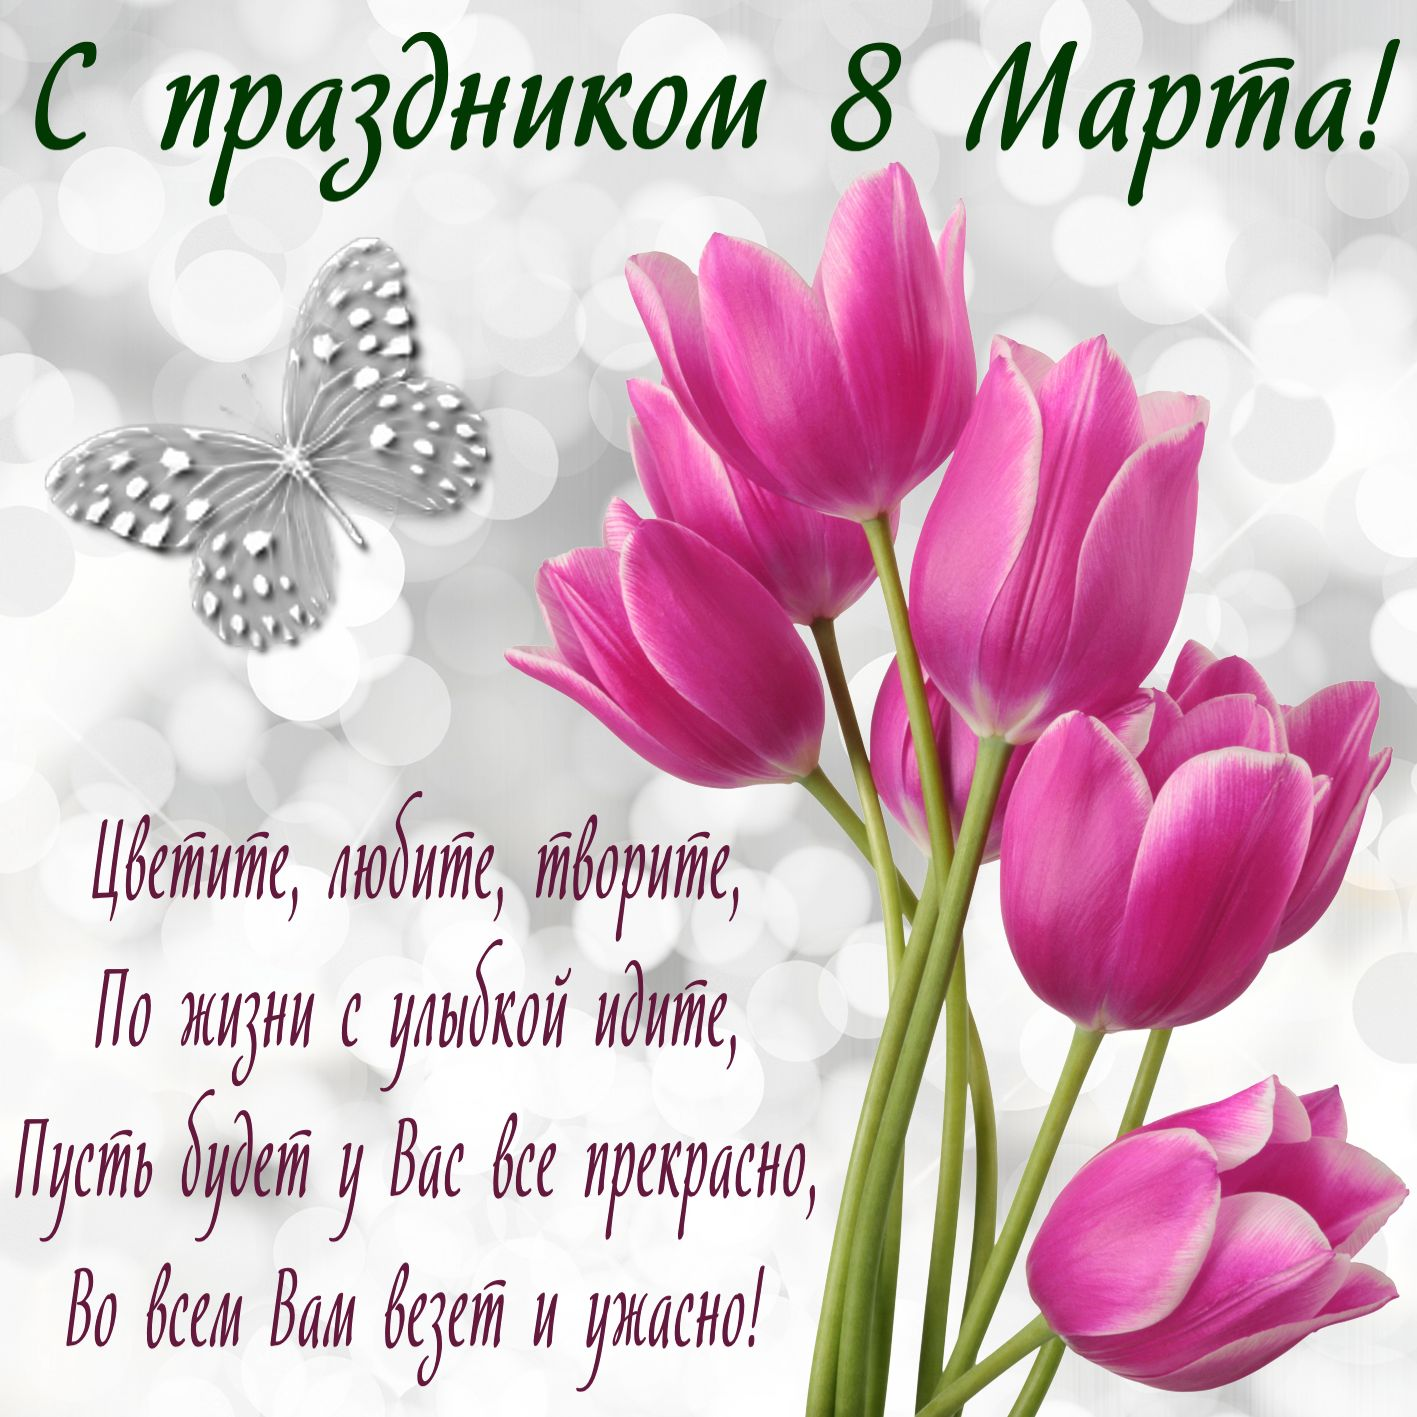 Открытка с 8 марта - пожелание и розовые тюльпаны с бабочкой